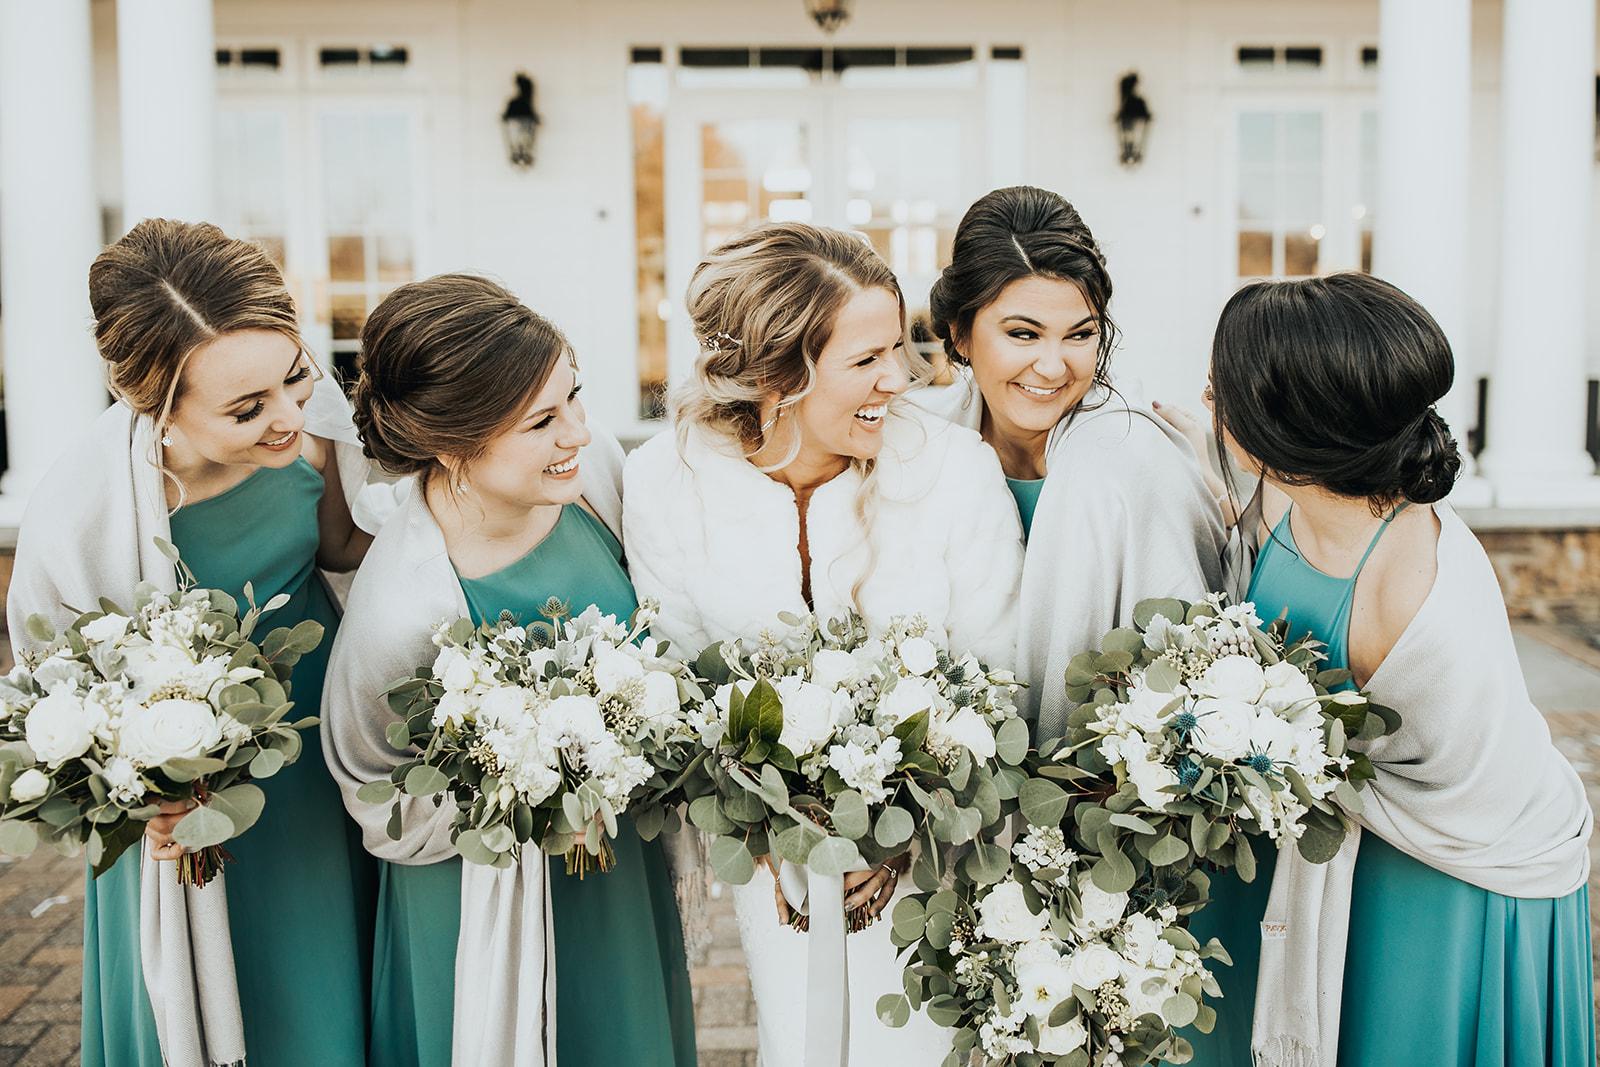 Bridesmaids Attire_Kansas City